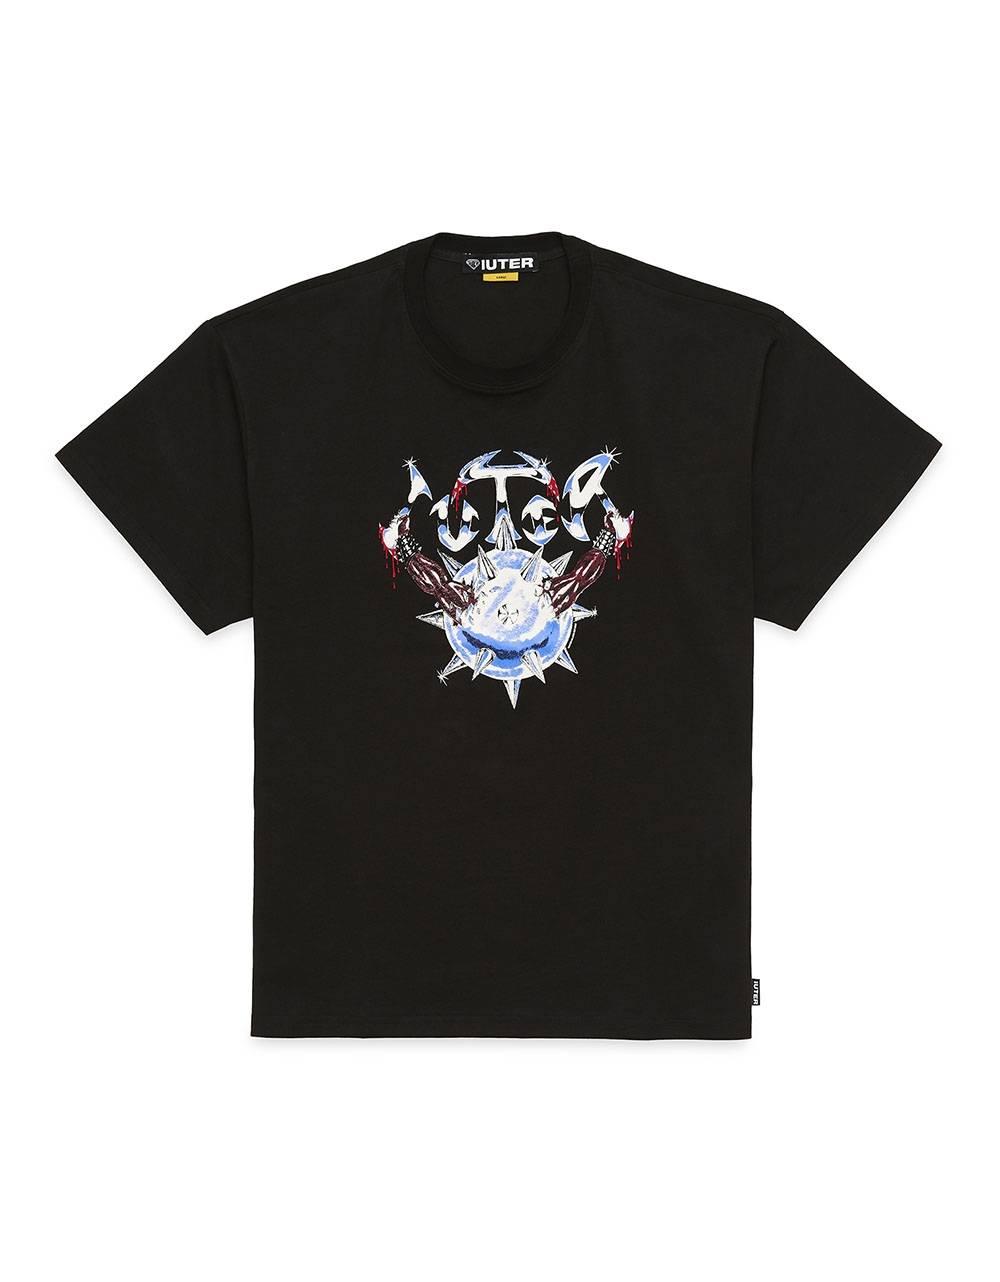 Iuter Steel tee - Black IUTER T-shirt 52,00€